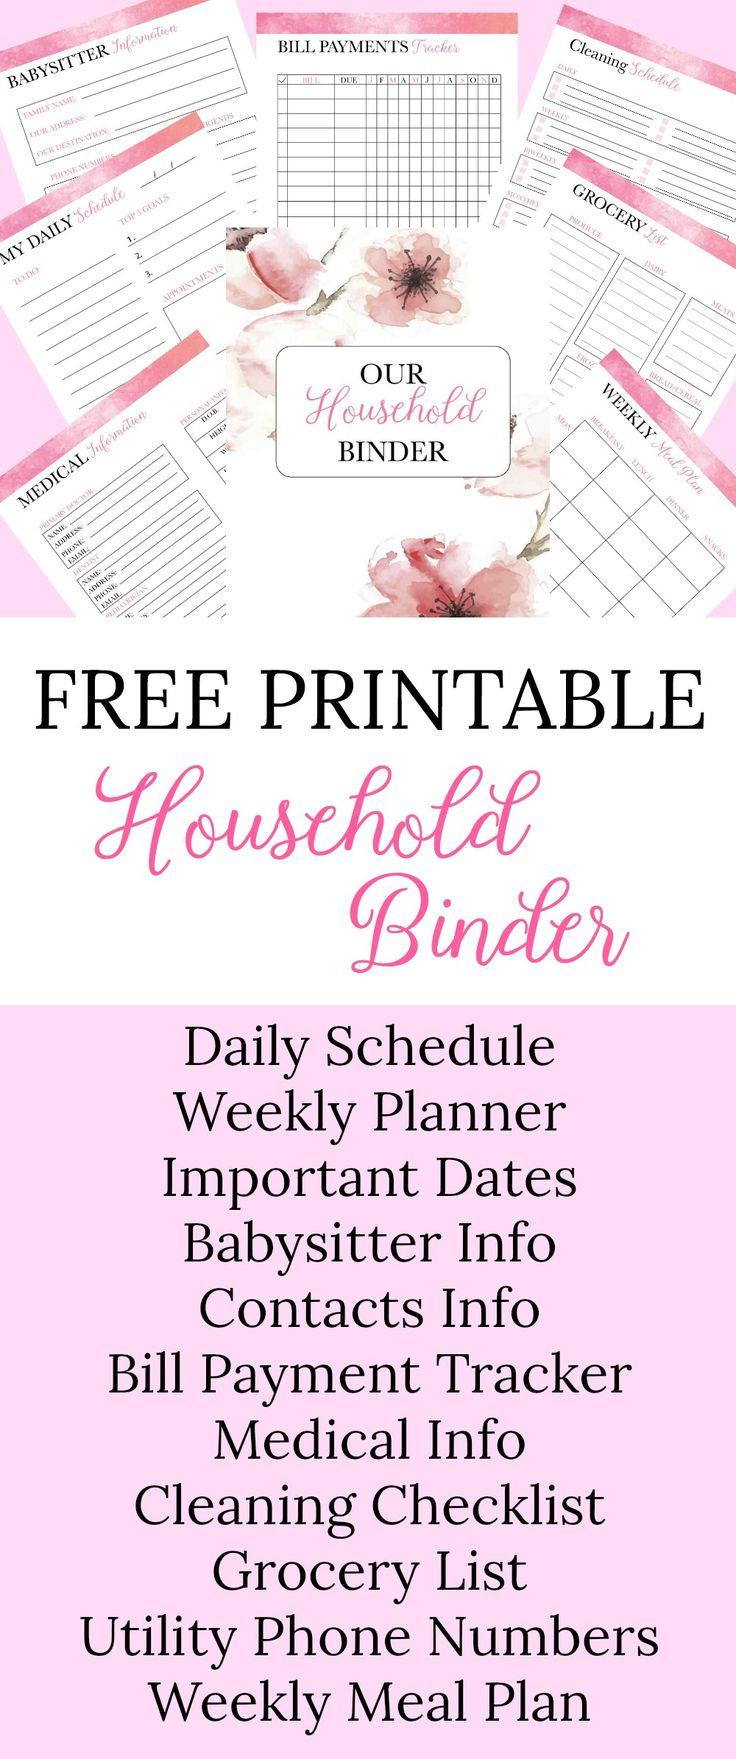 Free Printable Household Binder.